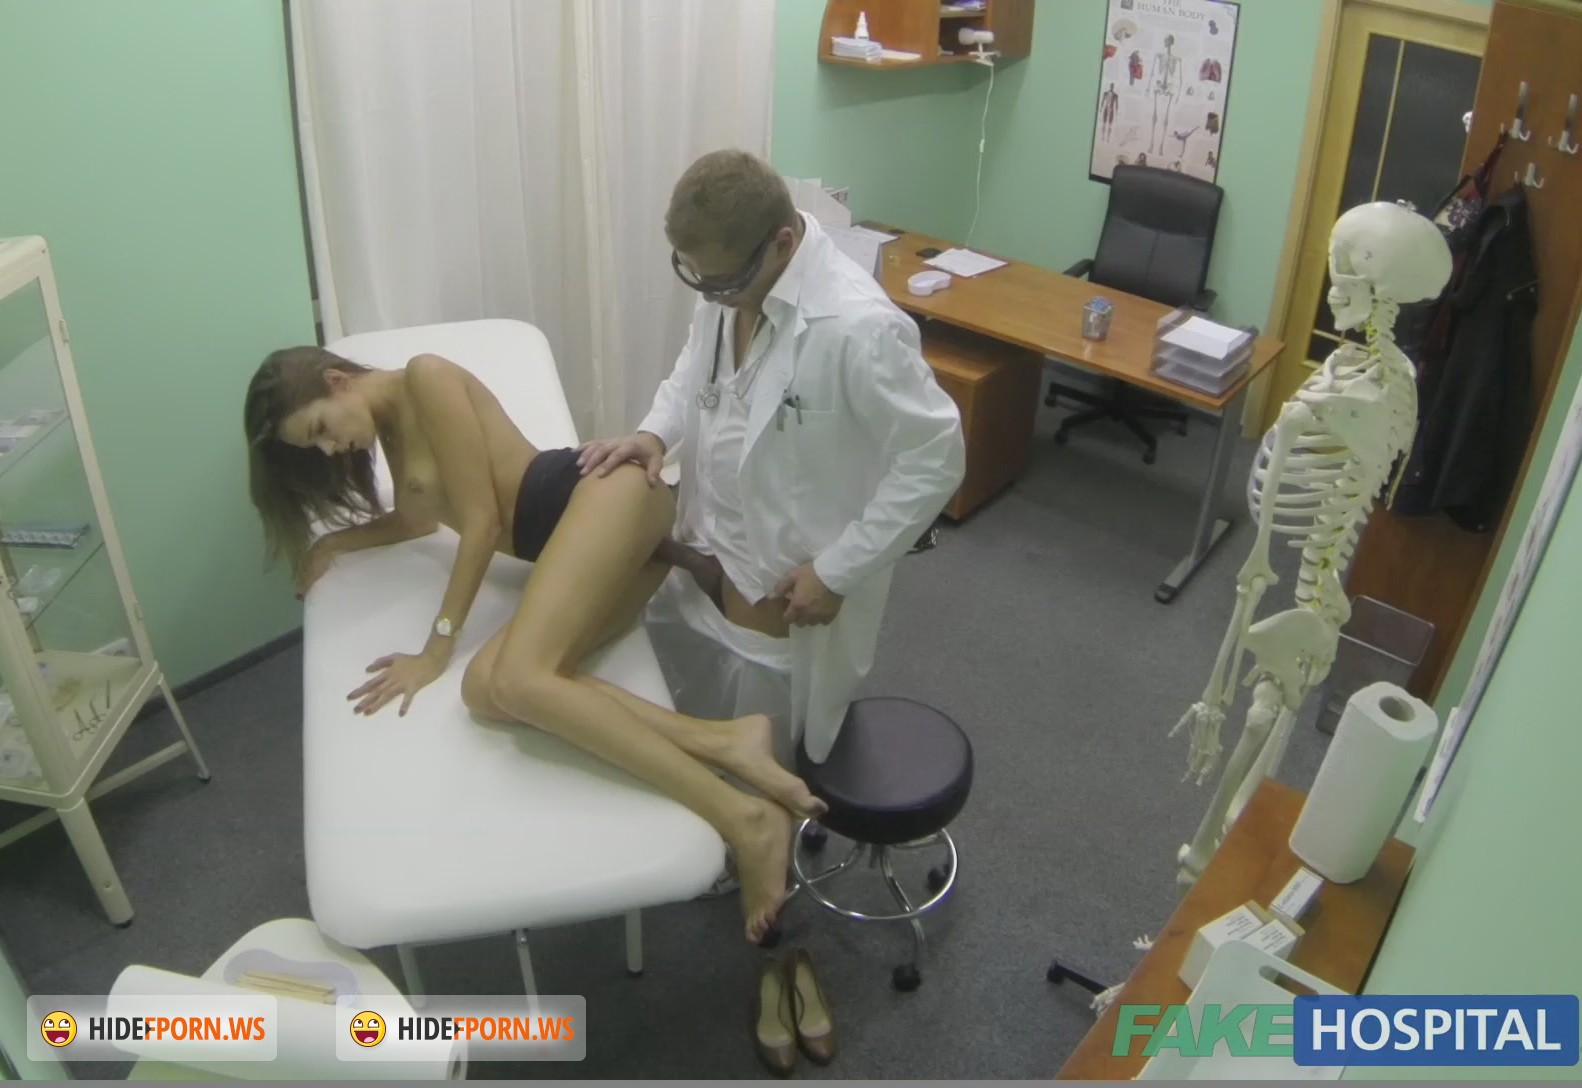 Это порно фейк госпиталь точка